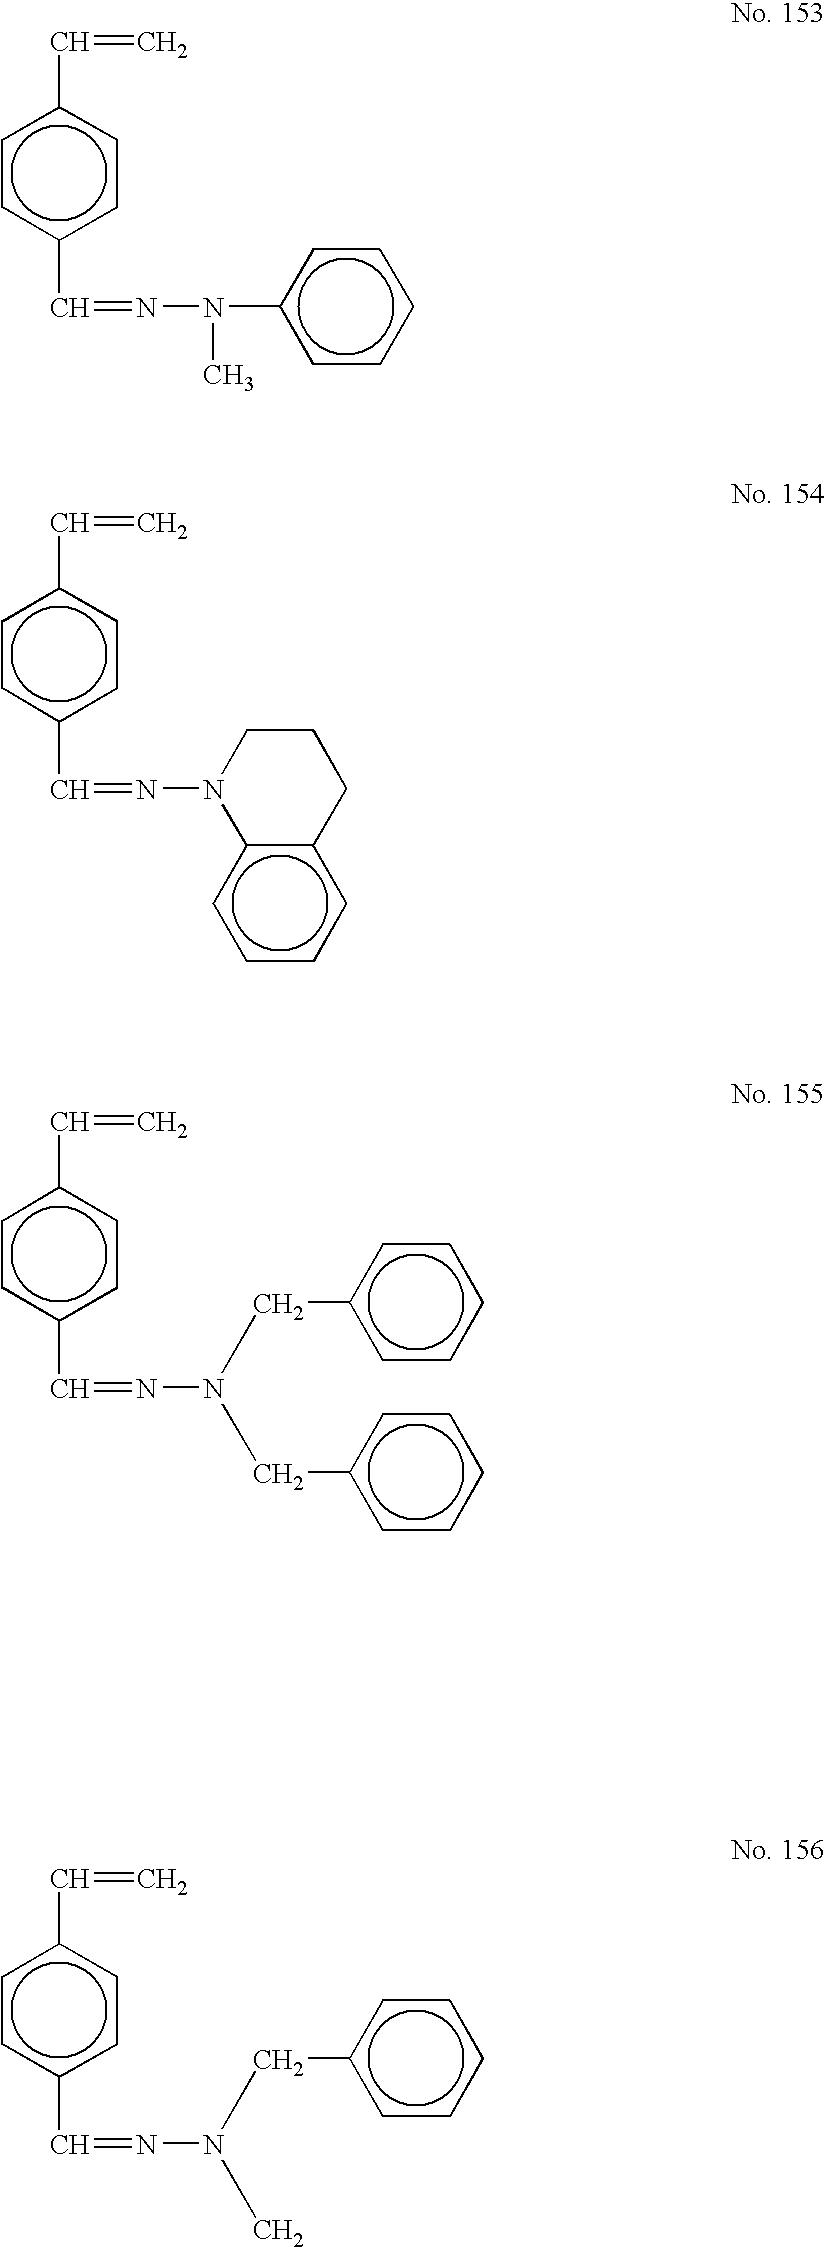 Figure US20060177749A1-20060810-C00070